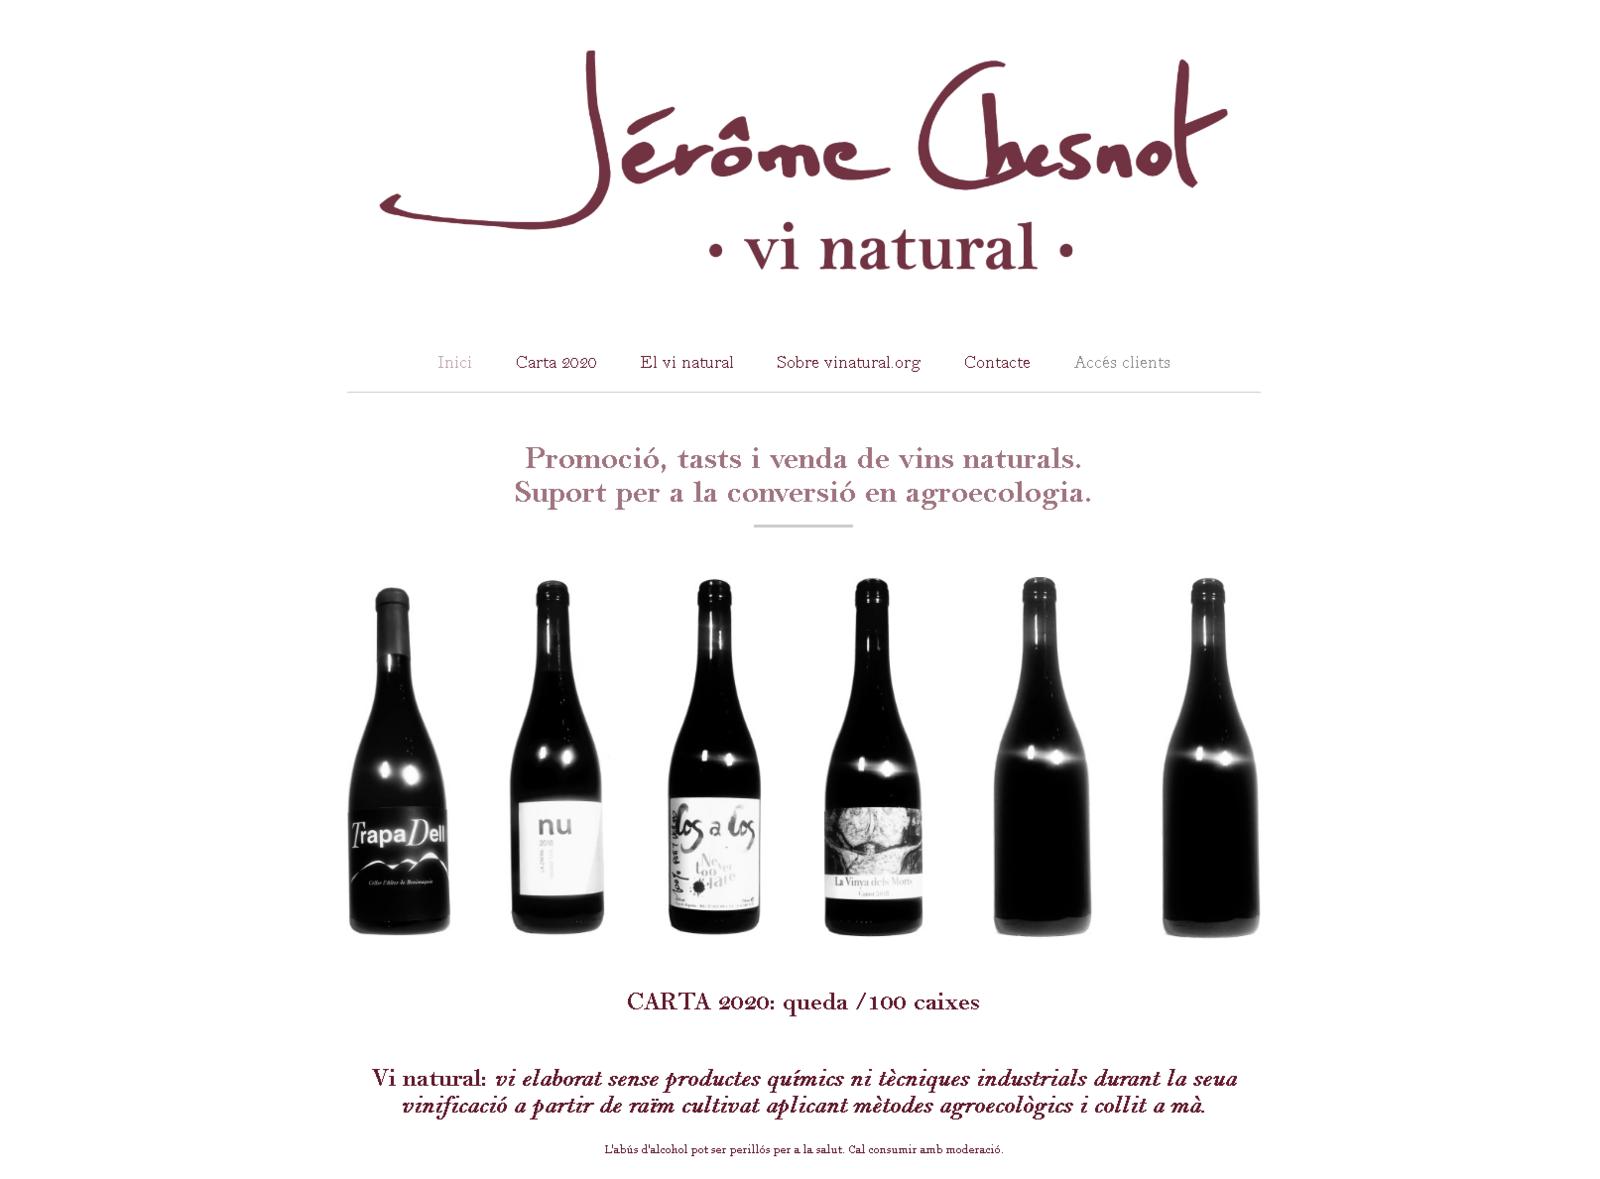 La page d'accueil du site vinatural.org